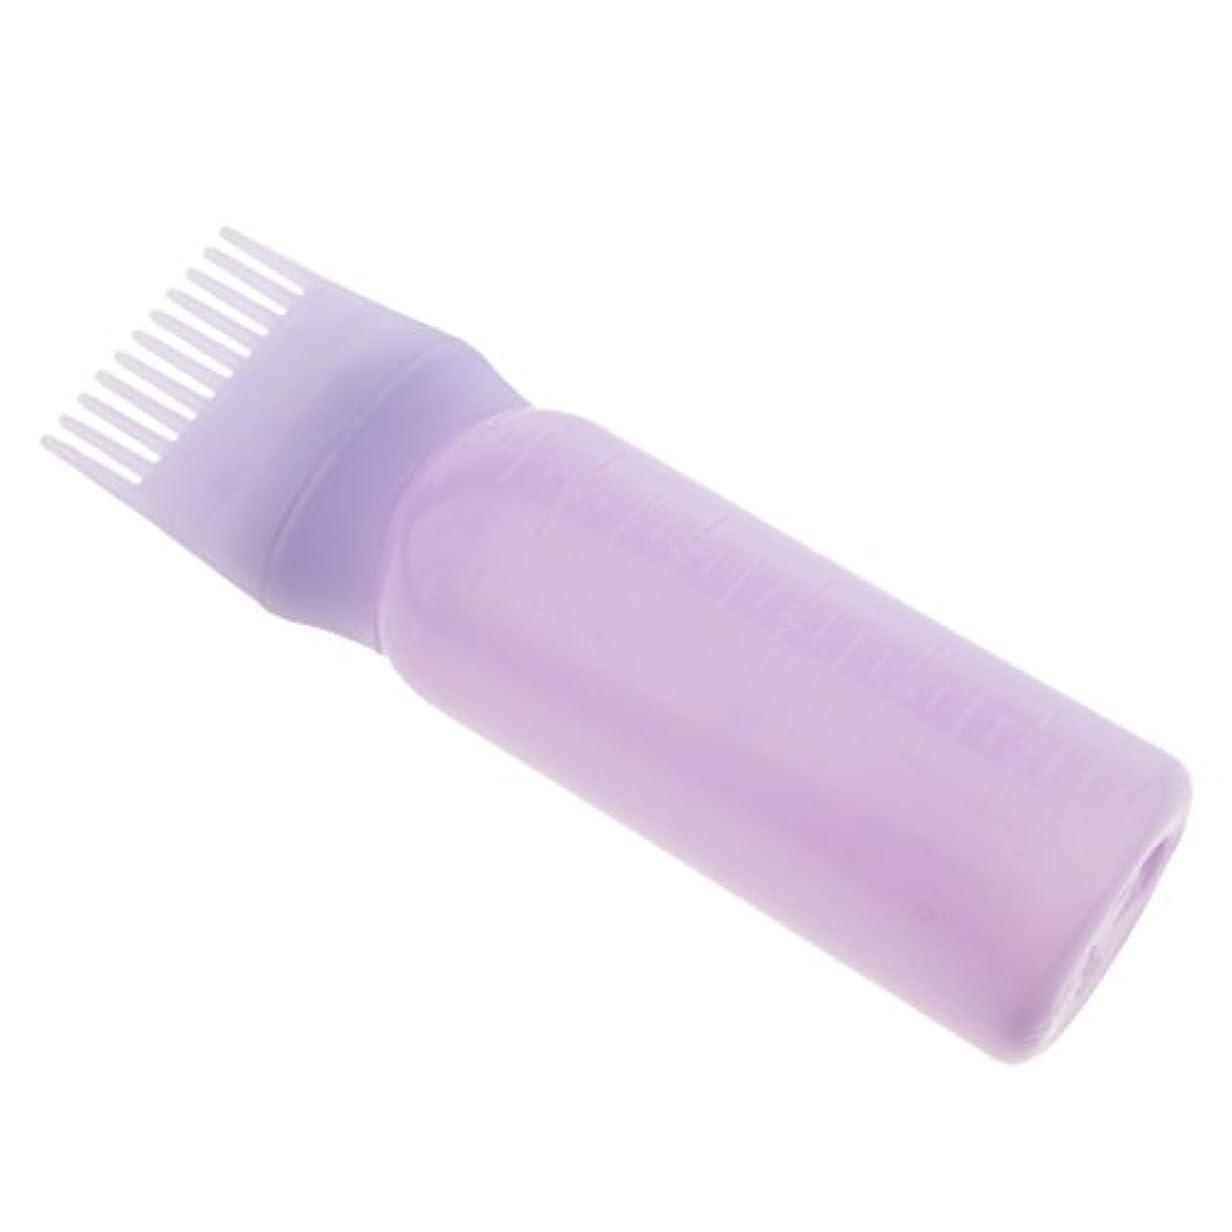 最高馬力クリエイティブヘアダイ ヘアカラー ボトル コーム ディスペンサー ブラシ付き 2タイプ選べる - 紫